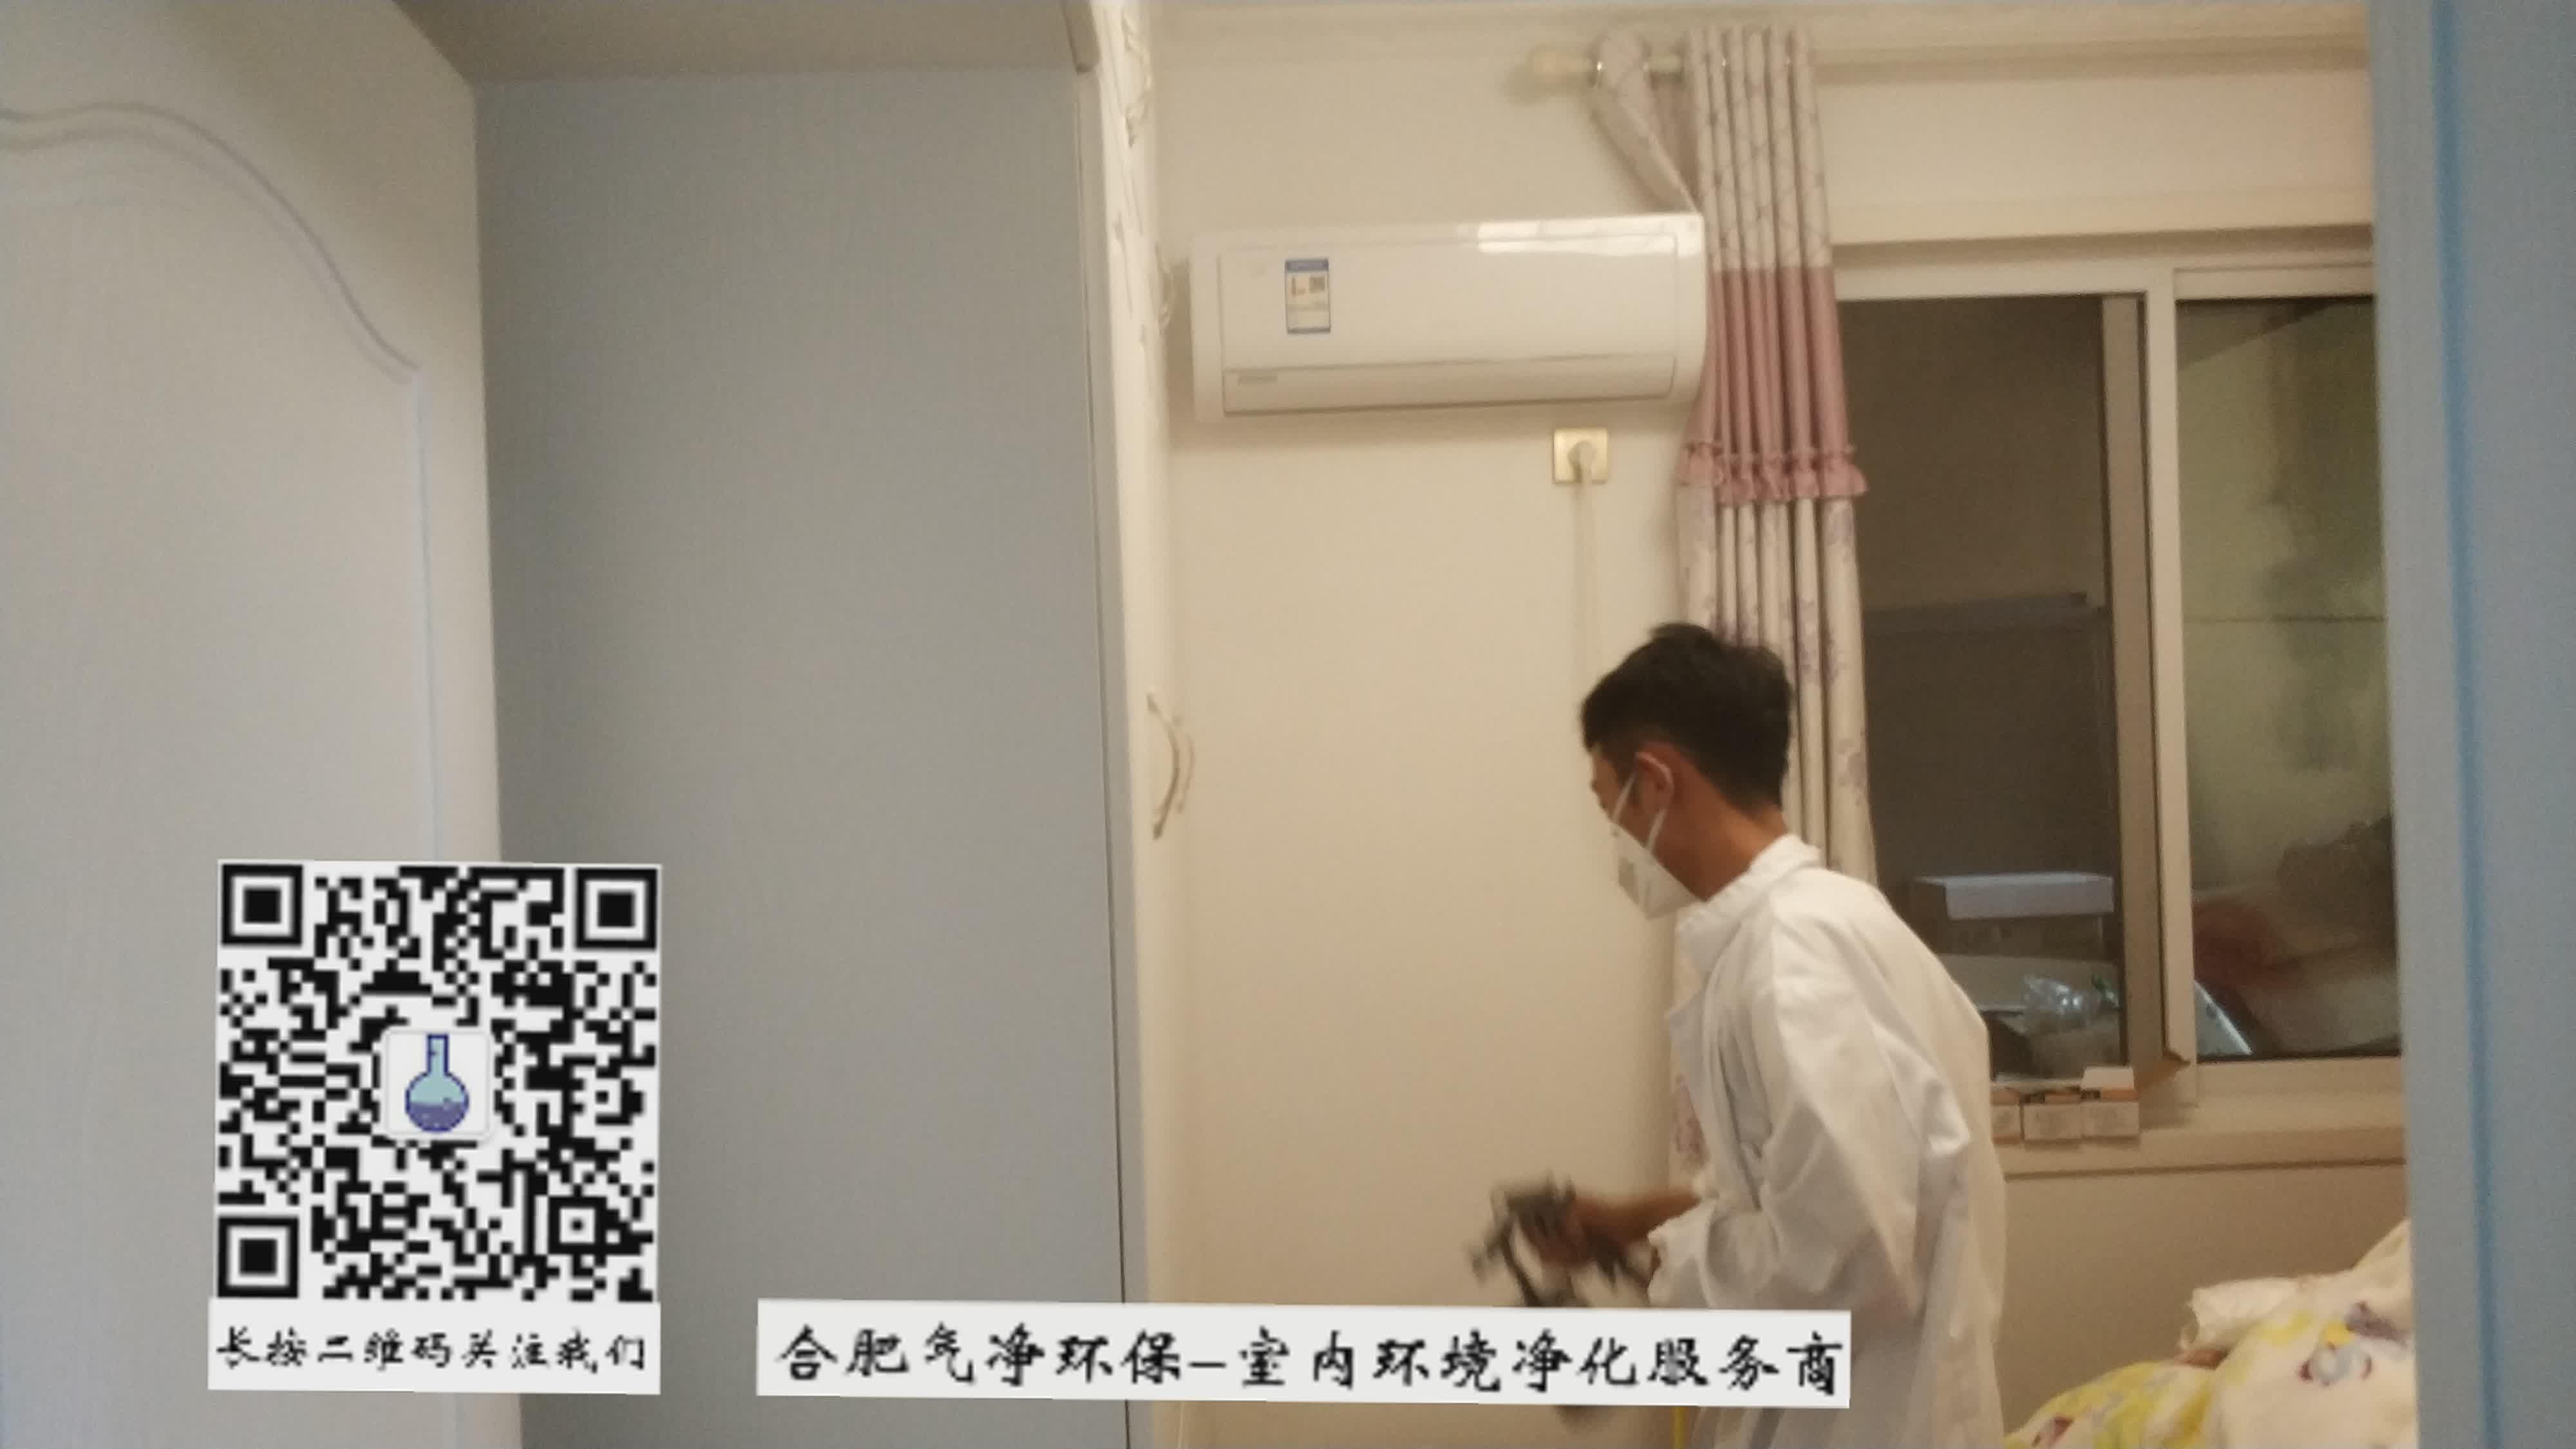 水印图片by水印王_20180801-18634369